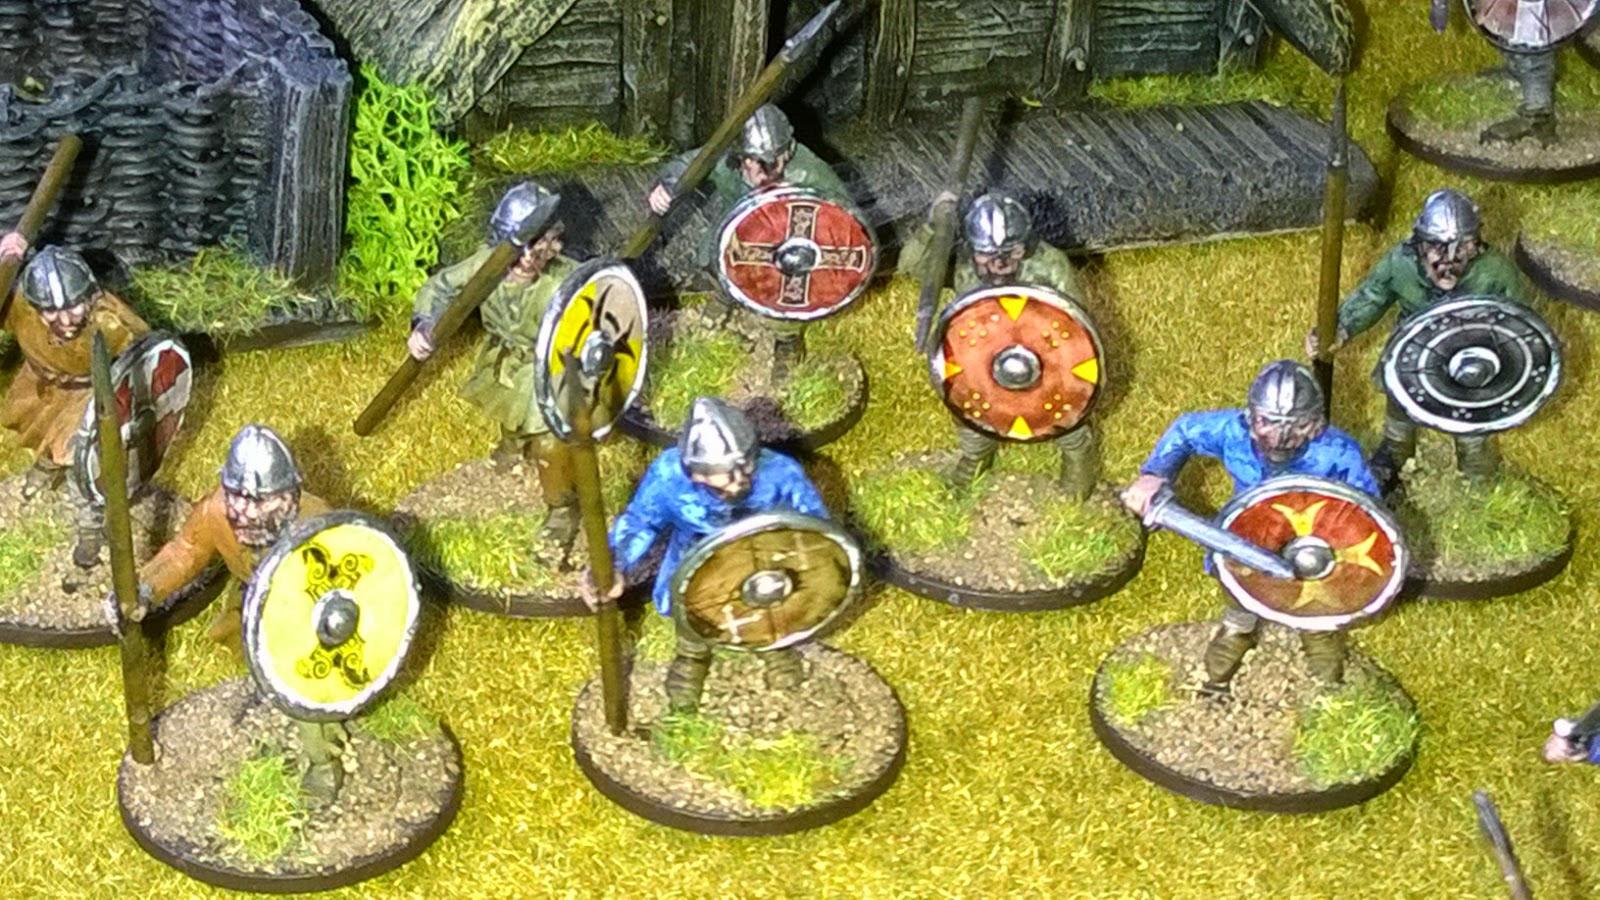 Anglo-saxon saga warband